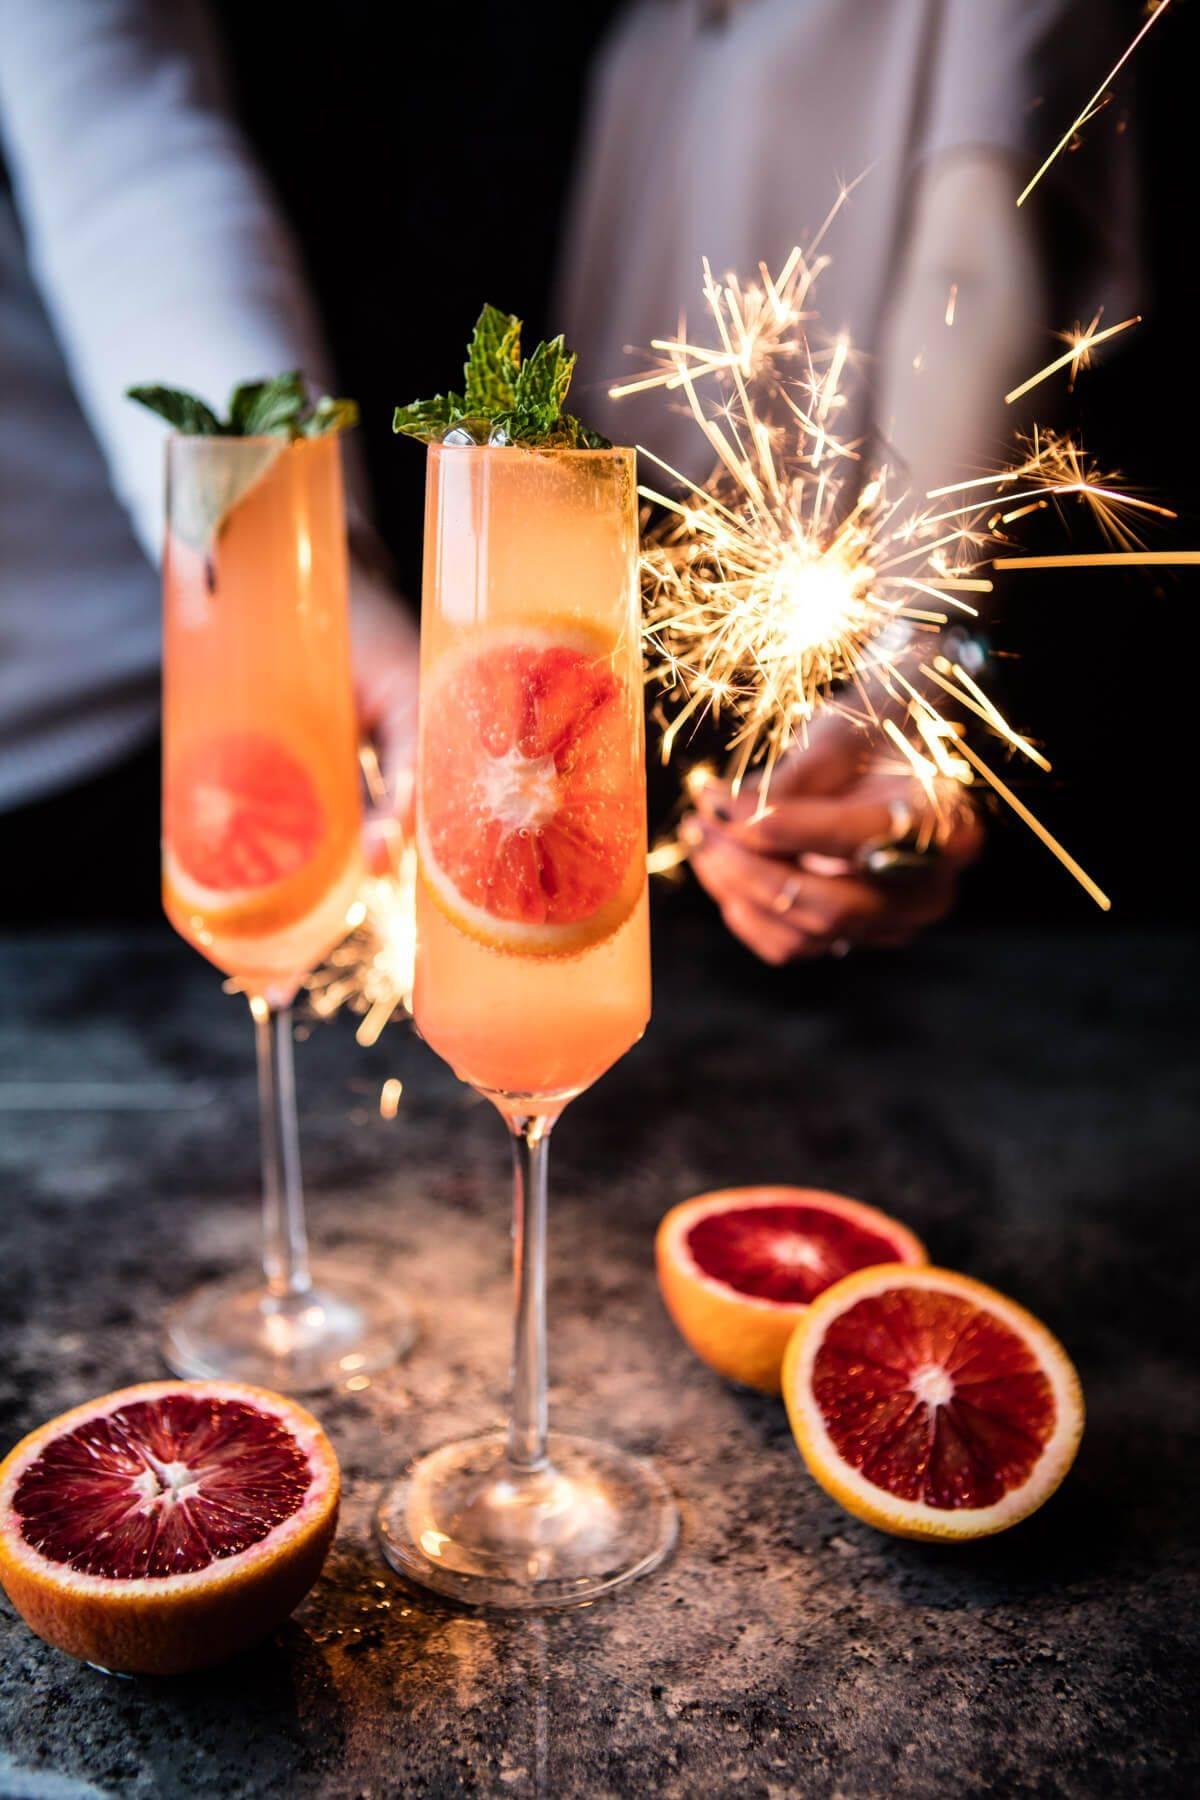 Новогодние напитки 2020: алкогольные, безалкогольные, для детей, горячие, коктейль, рецепты, с шампанским, кофейные, видео, спиртные, вкусные, фото